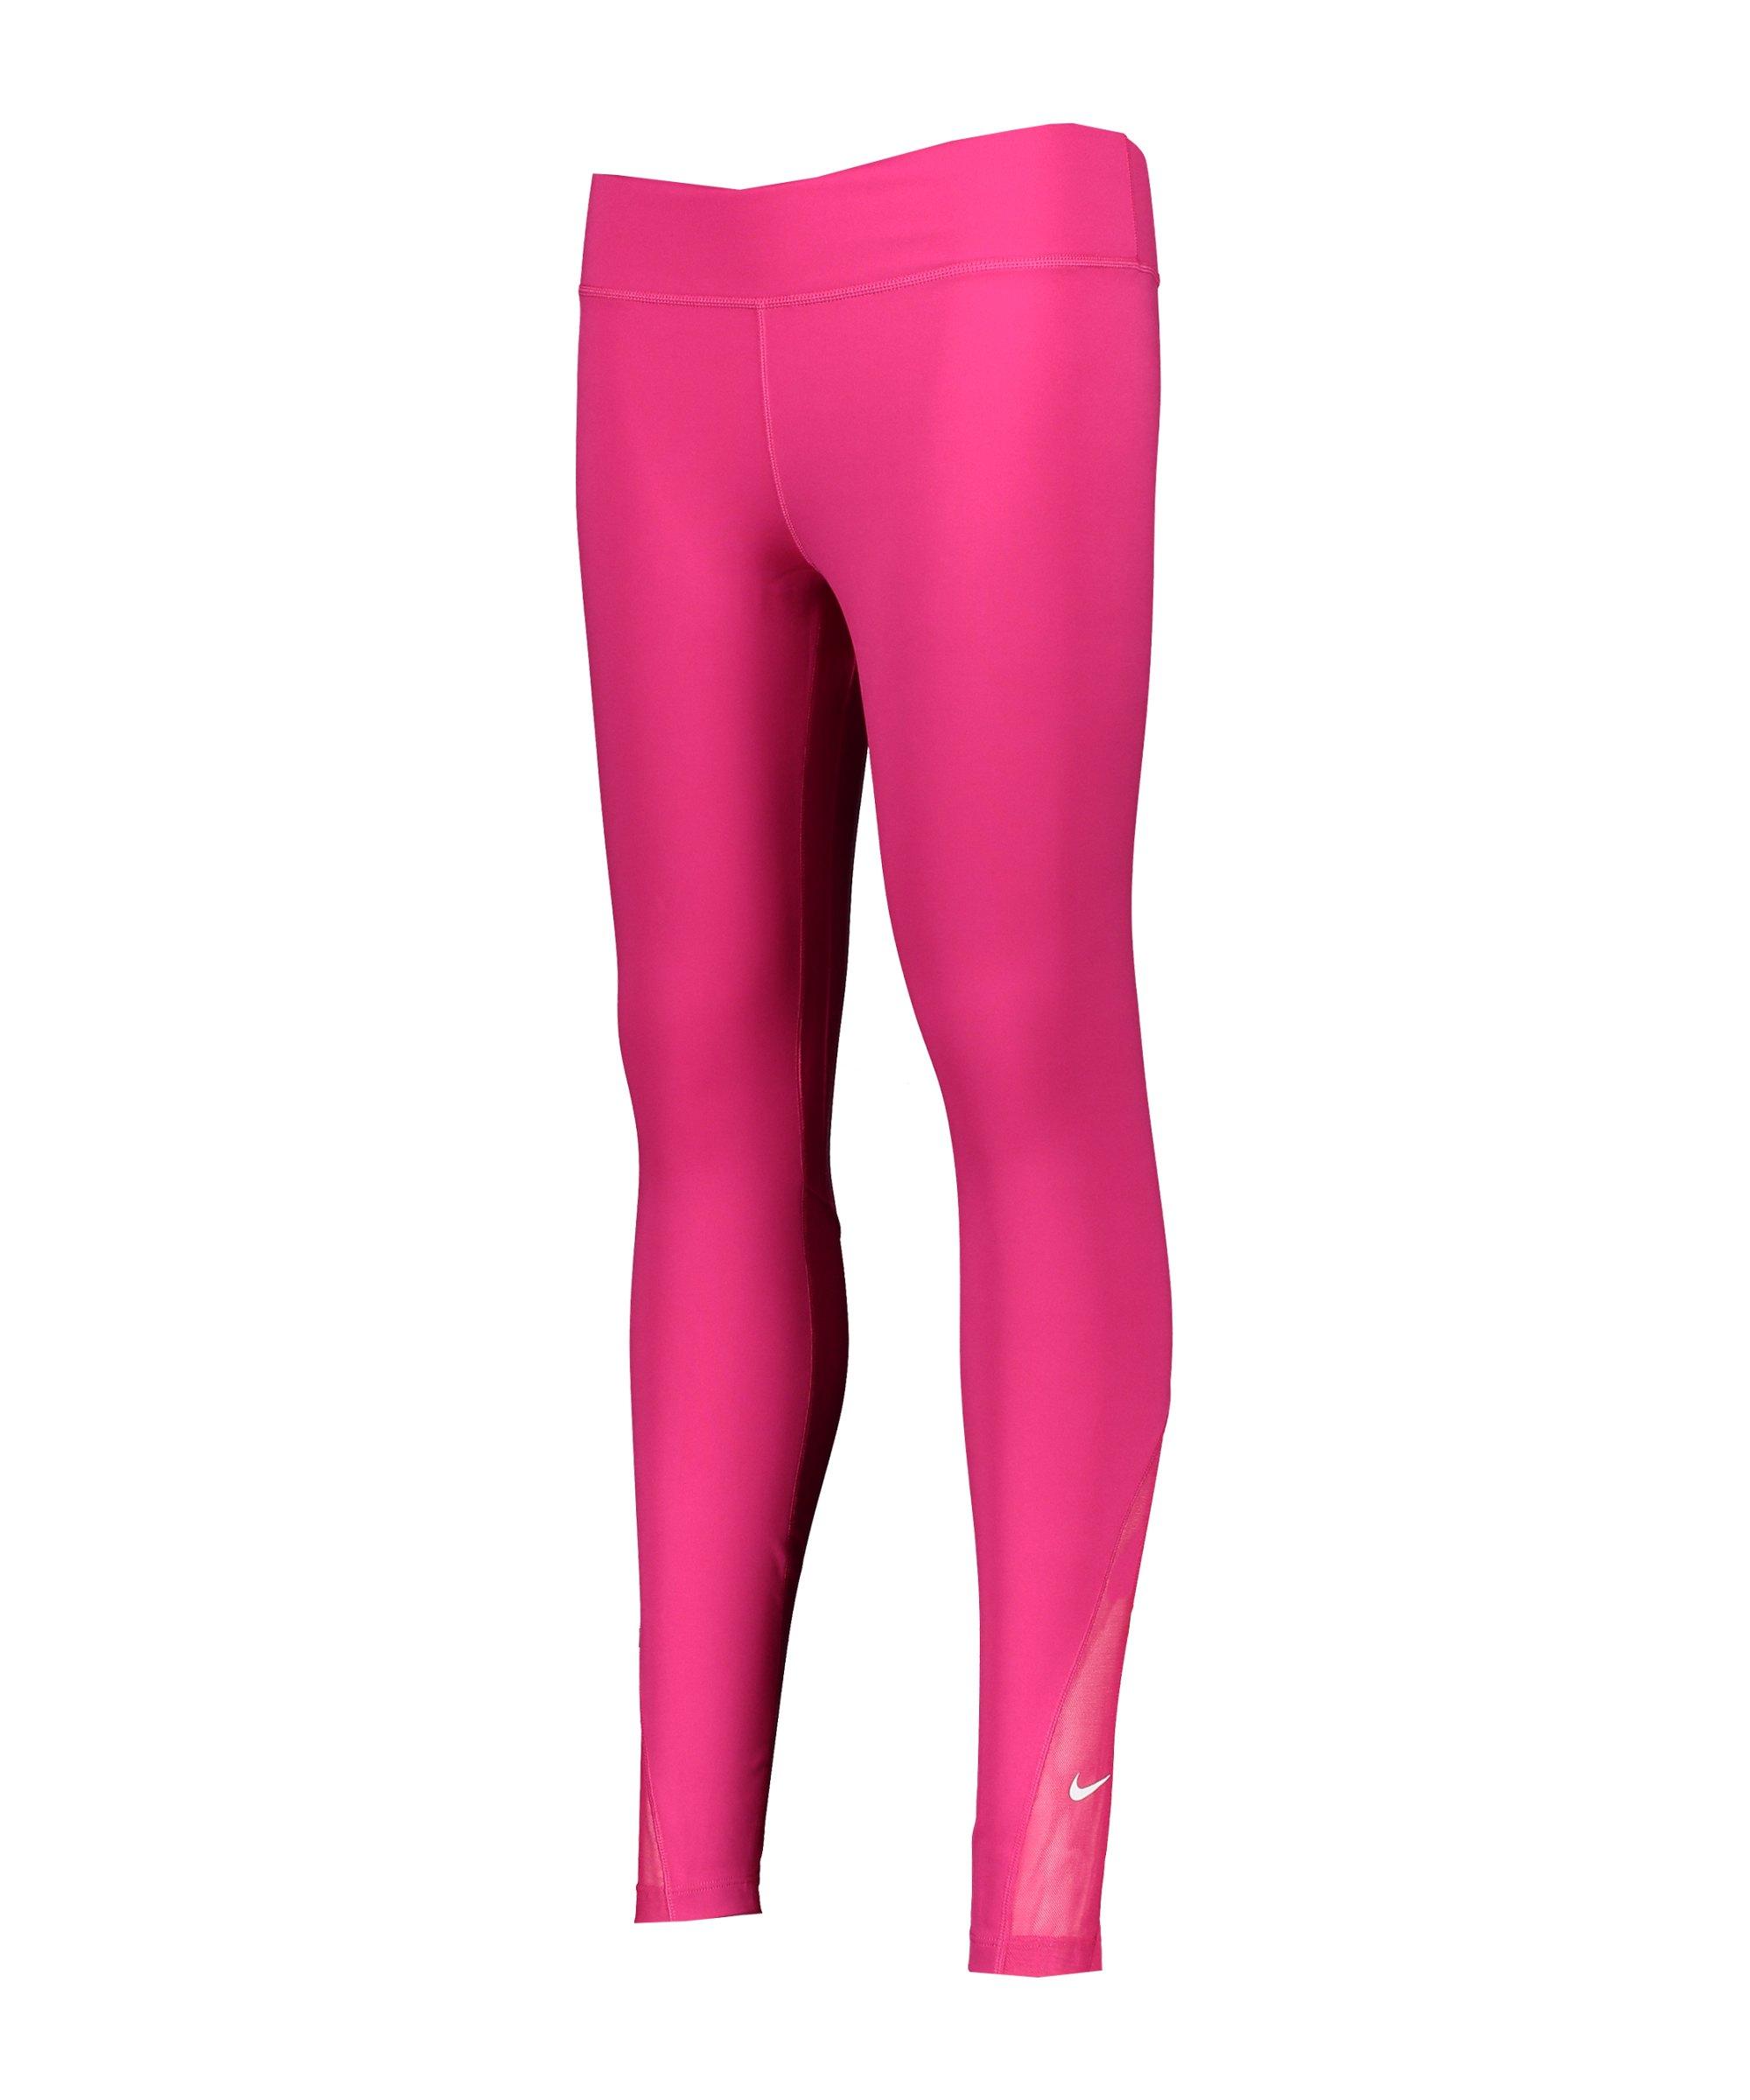 Nike One 7/8 Leggings Training Damen Pink F615 - pink